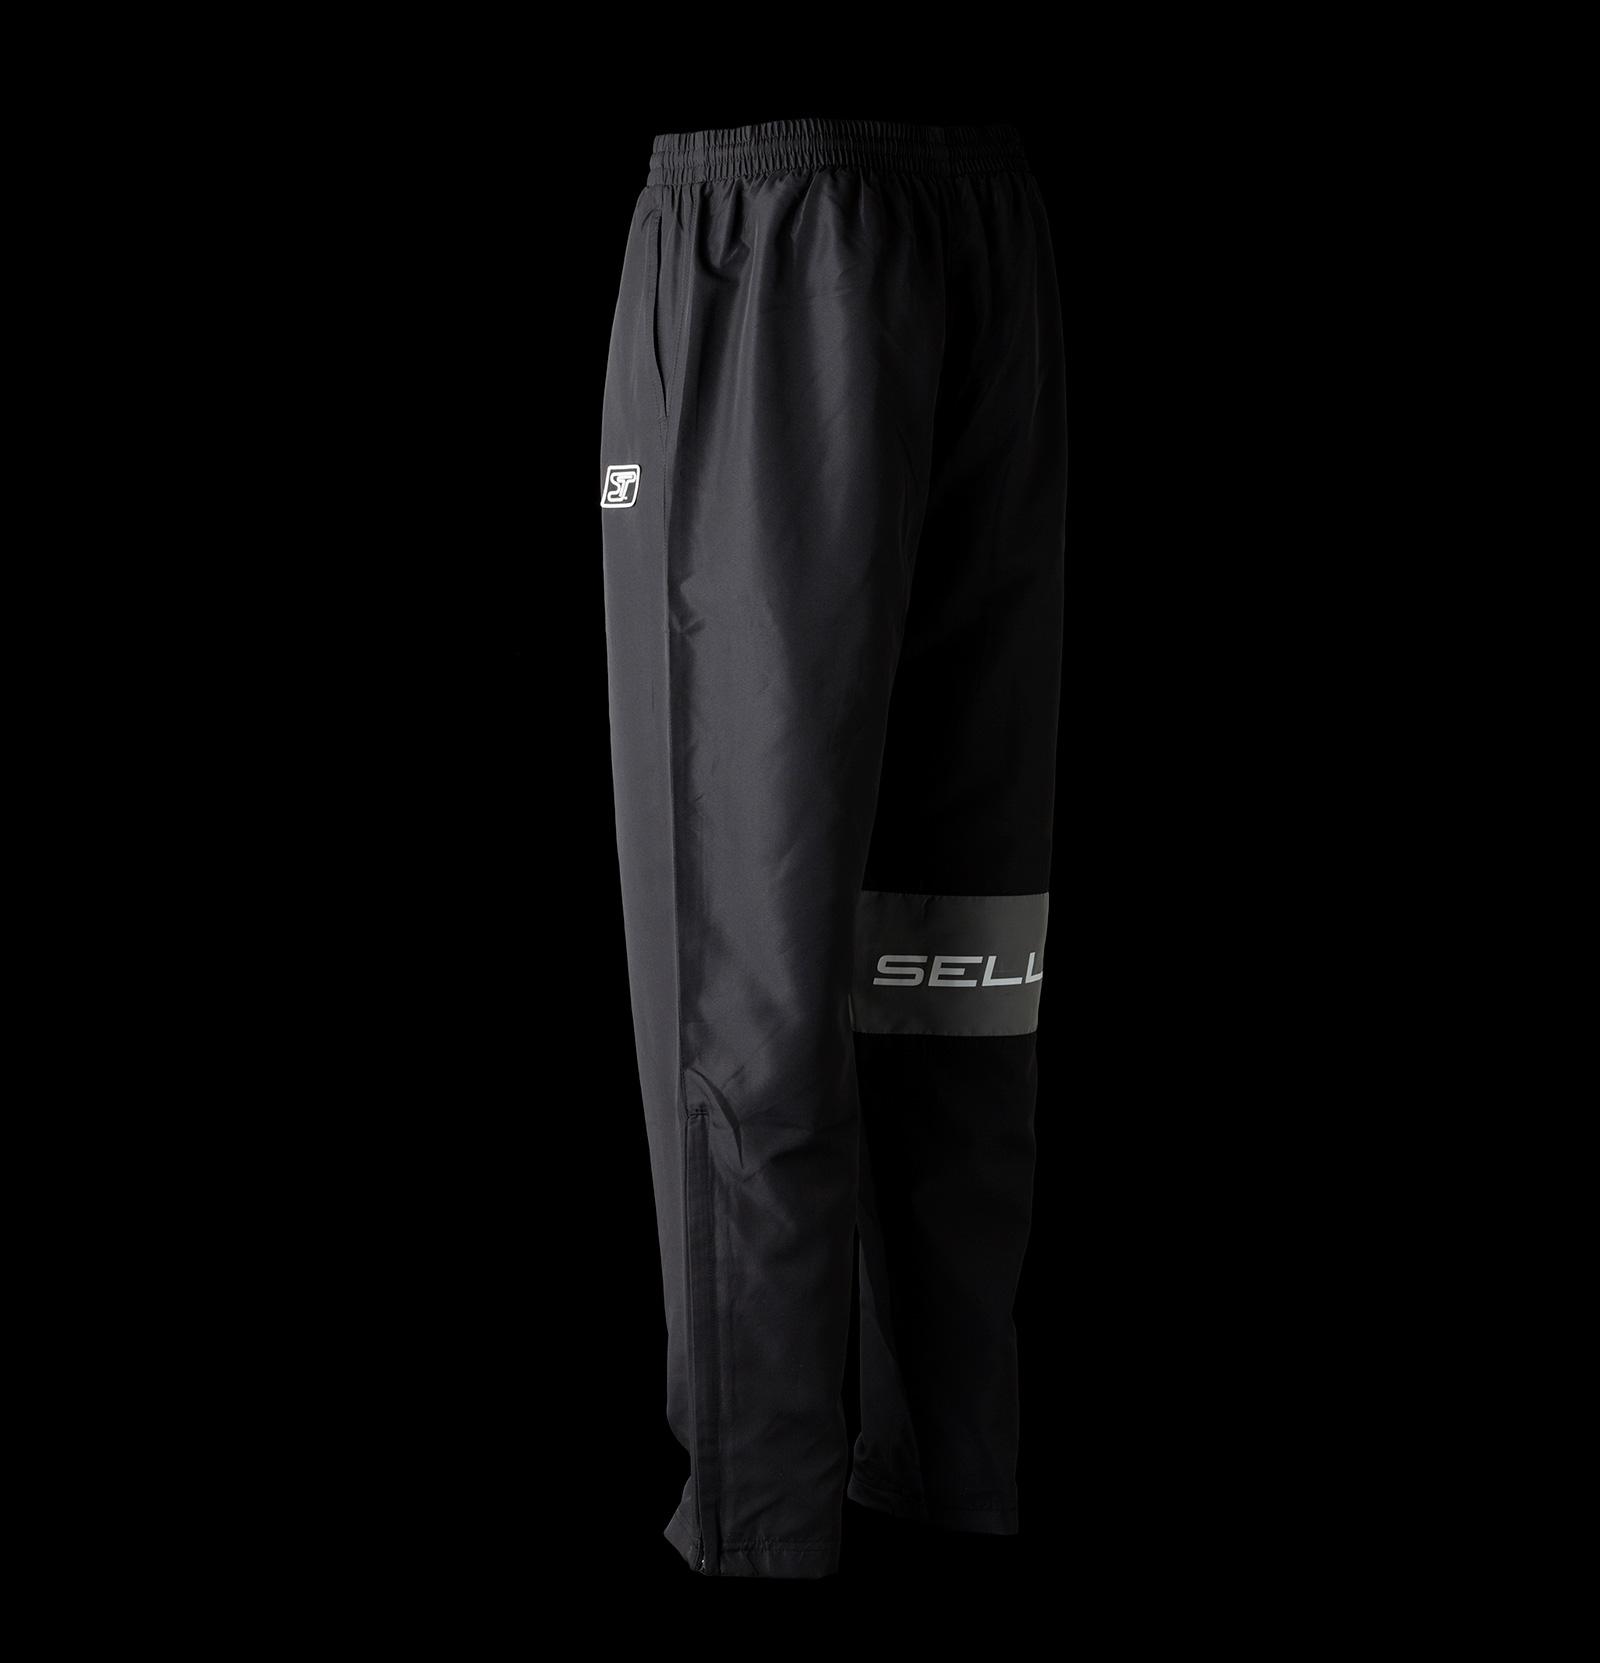 Excel-Travel-Suit-Pants-27